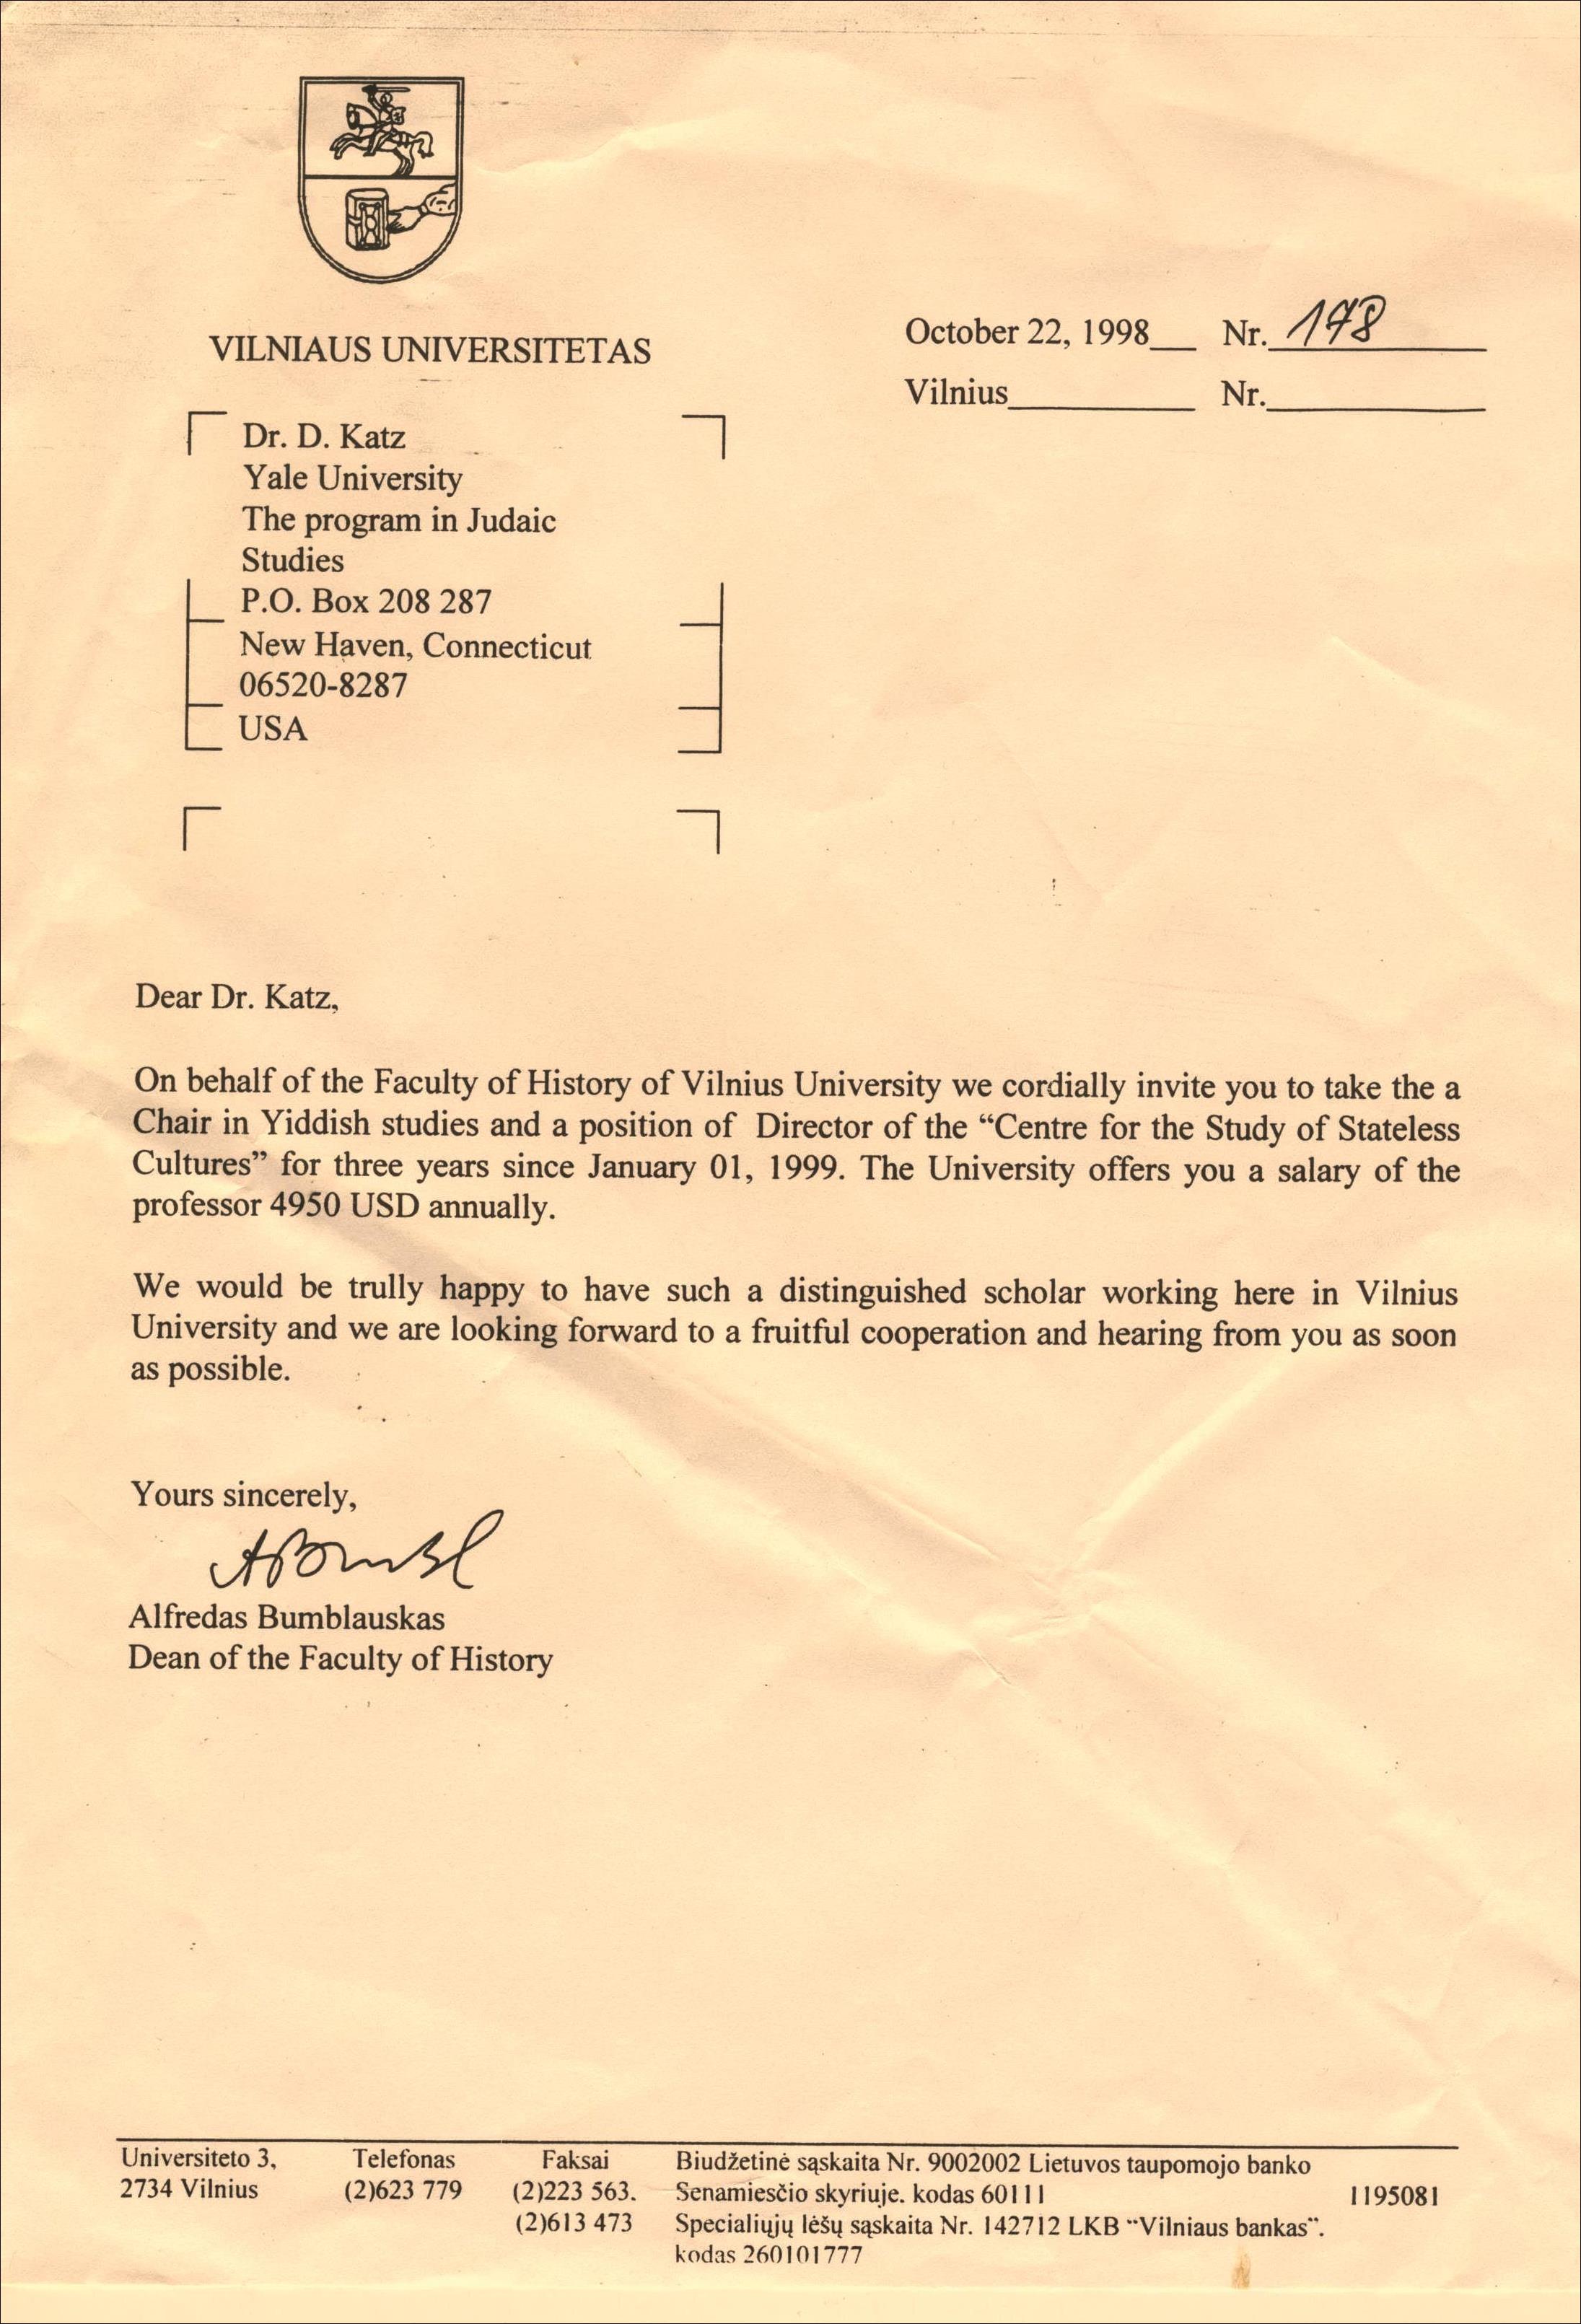 Bumblauskas to Katz 1998